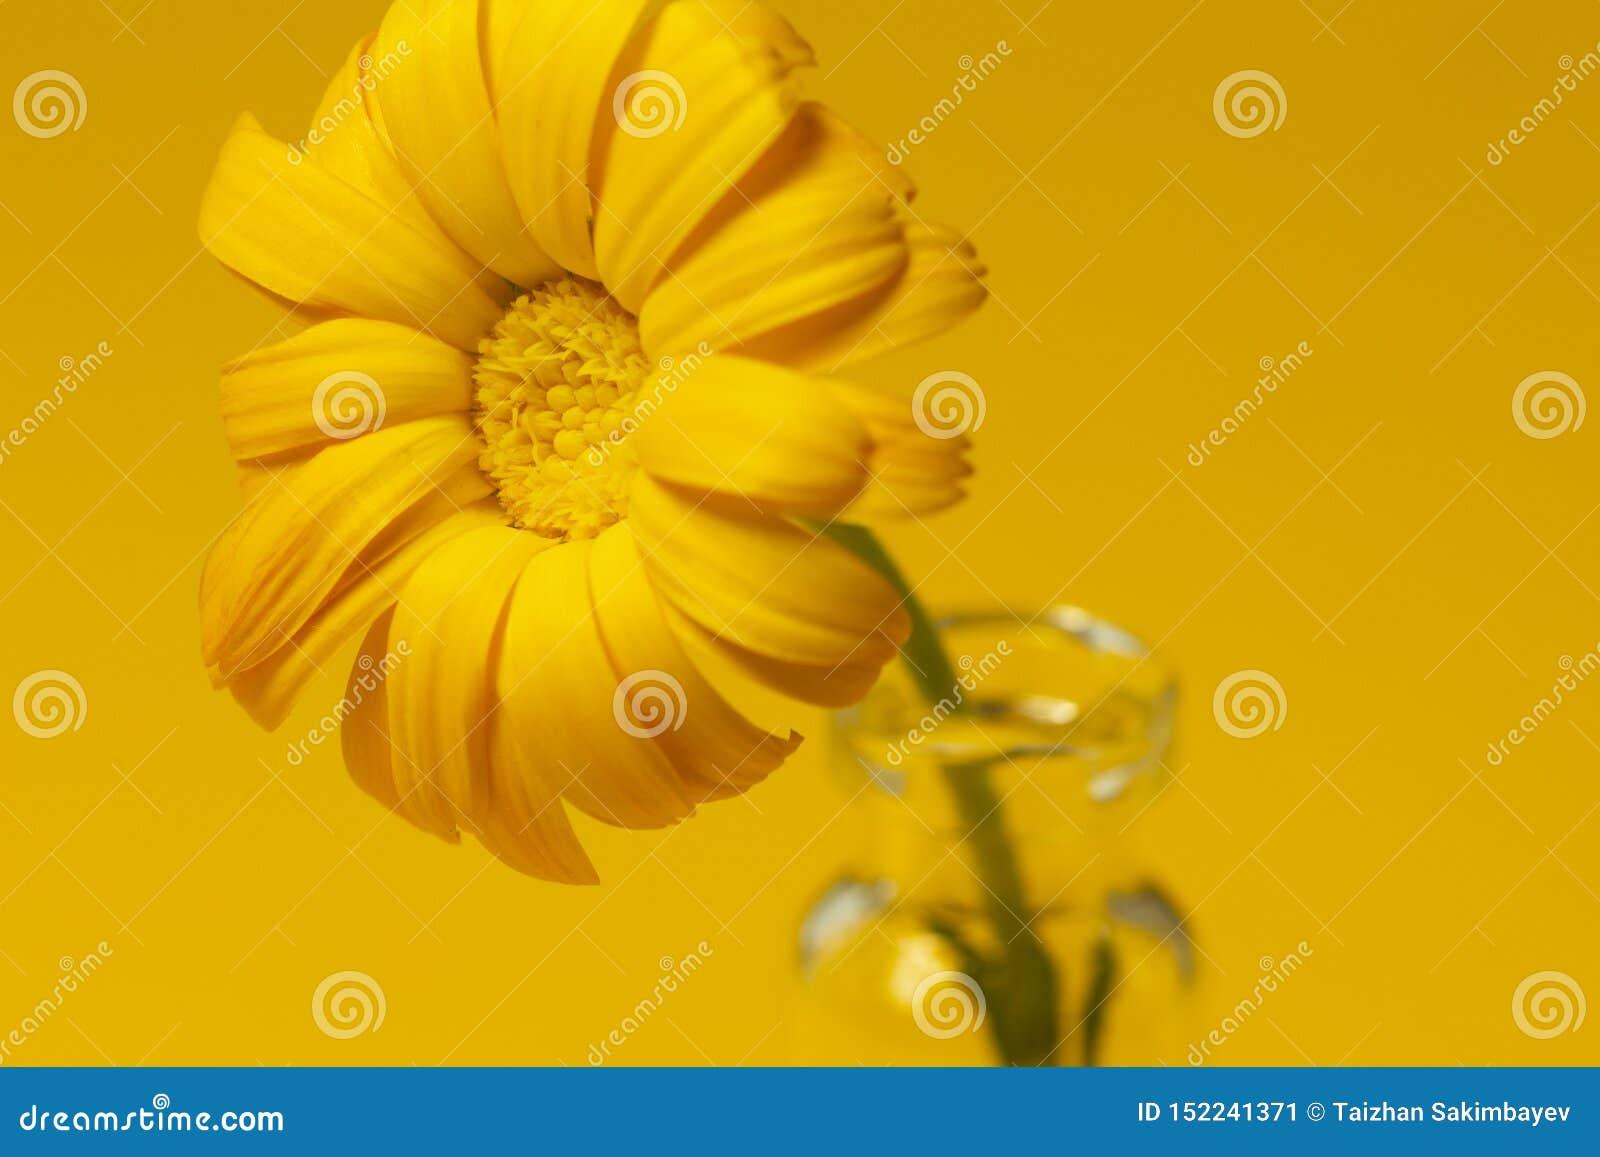 Schöne Calendulablume im Glasgefäß auf einem gelben Hintergrund Abbildung auf wei?em Hintergrund Minimalismusart